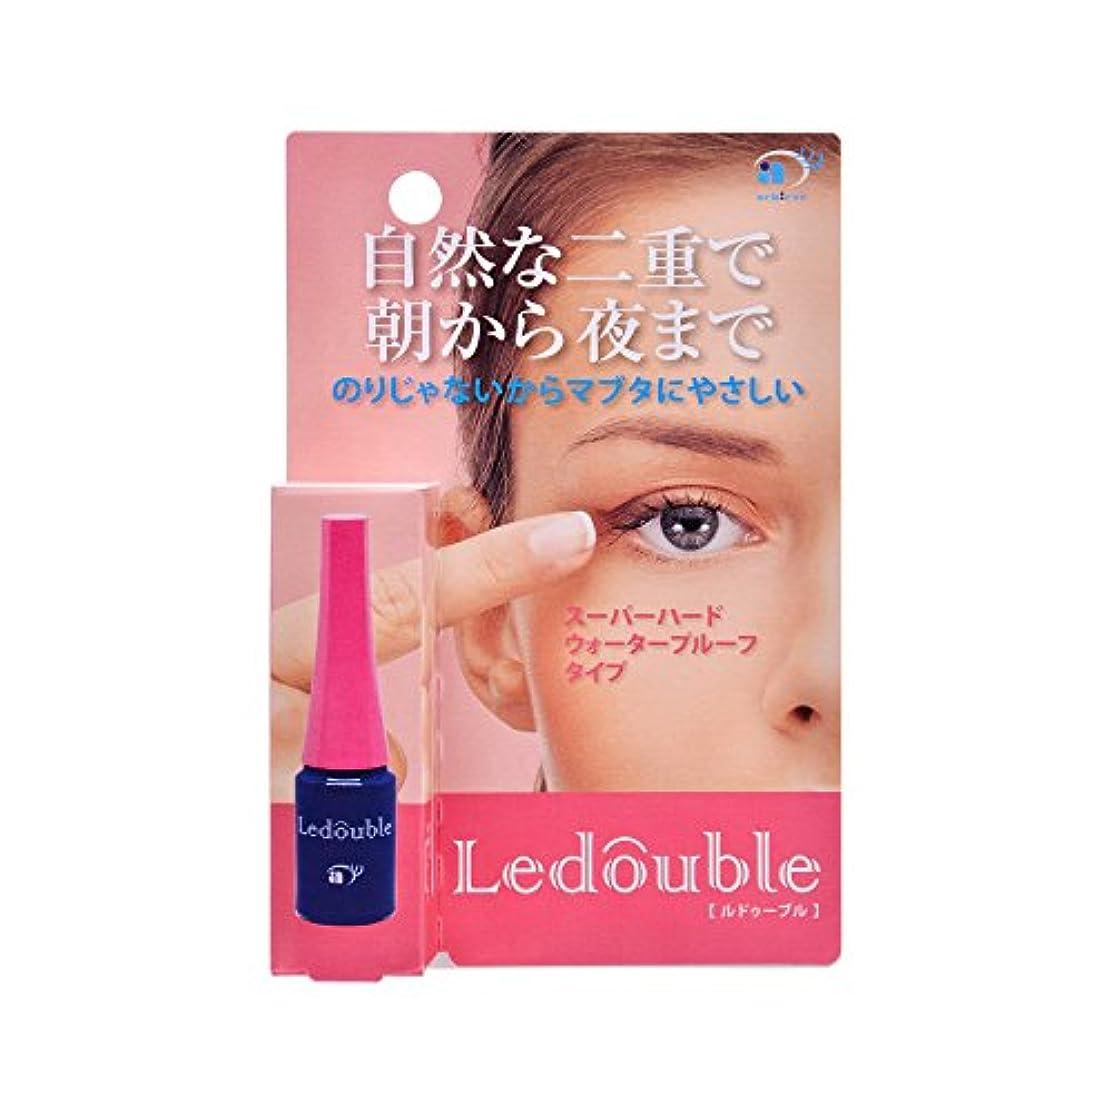 一緒にながら支出Ledouble [ルドゥーブル] 二重まぶた化粧品 (2mL)